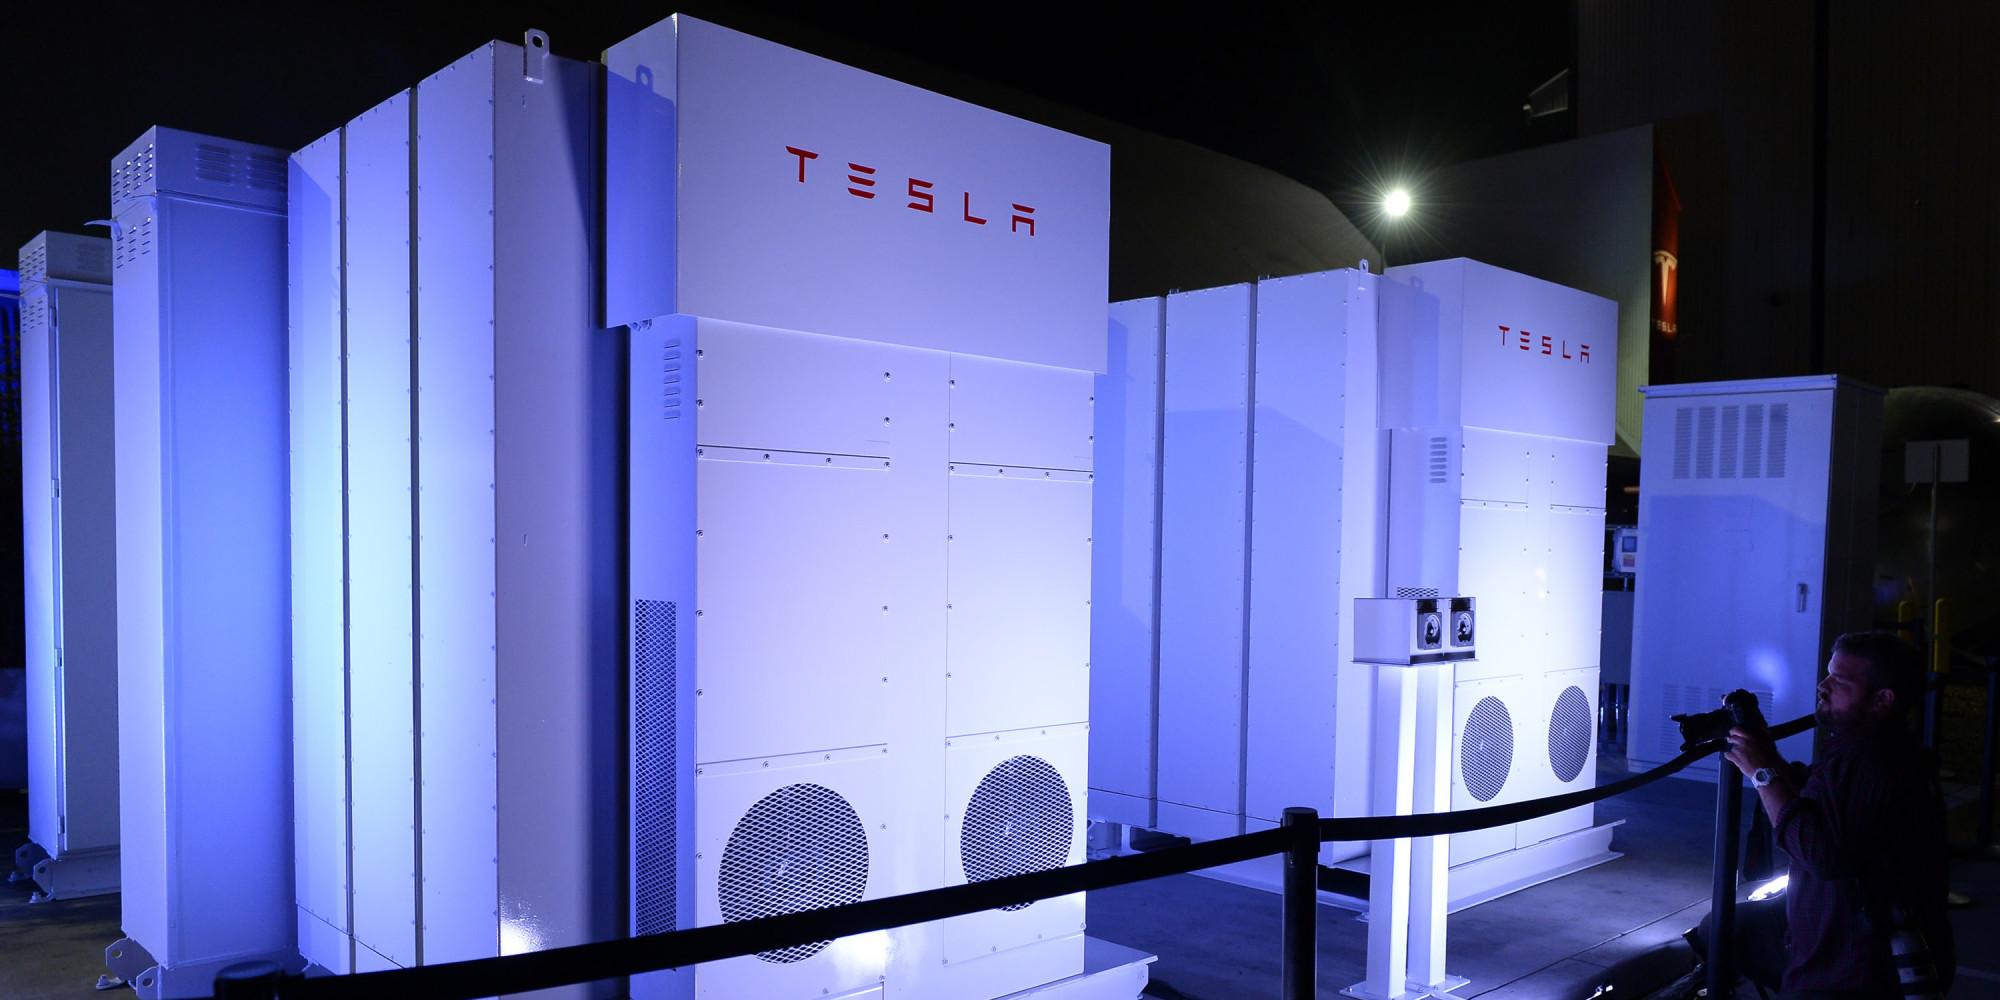 tesla lance une batterie pour stocker l u0026 39  u00e9lectricit u00e9